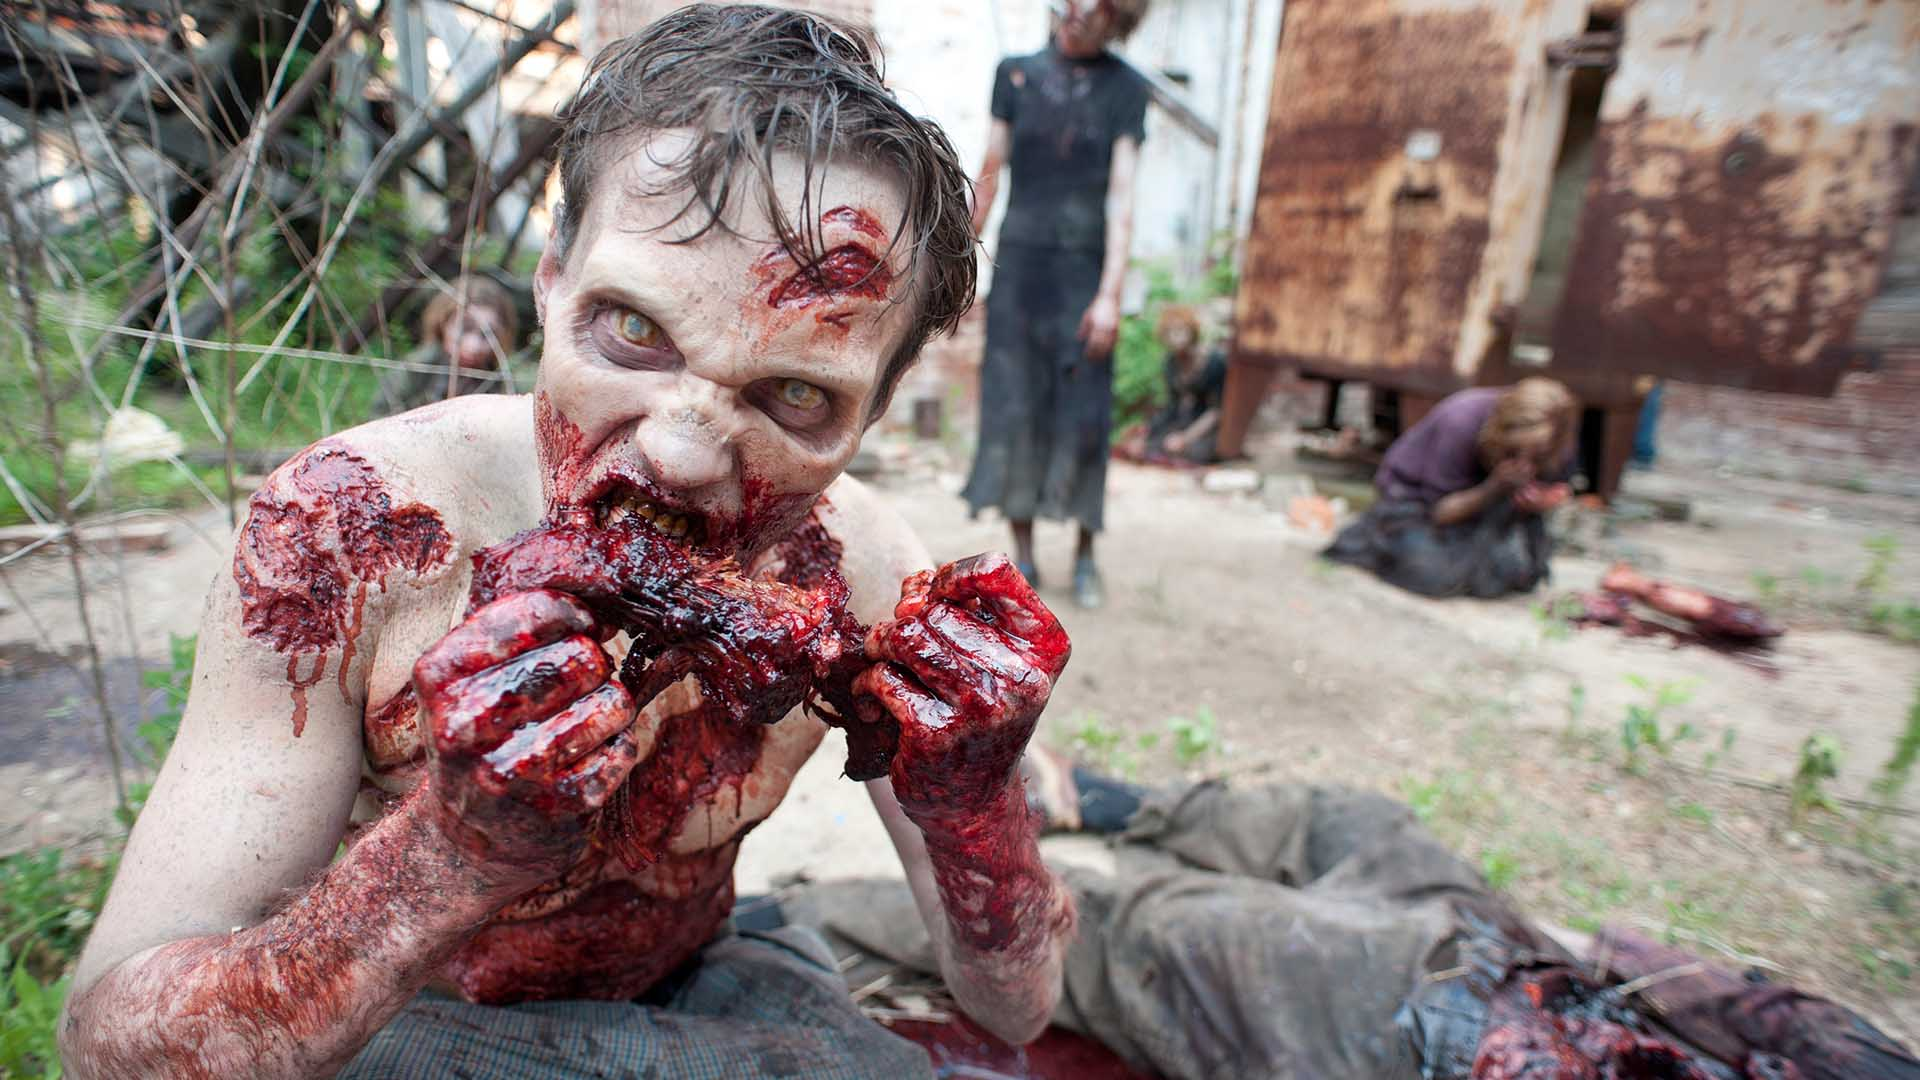 Zombie Guts: Inside The Walking Dead